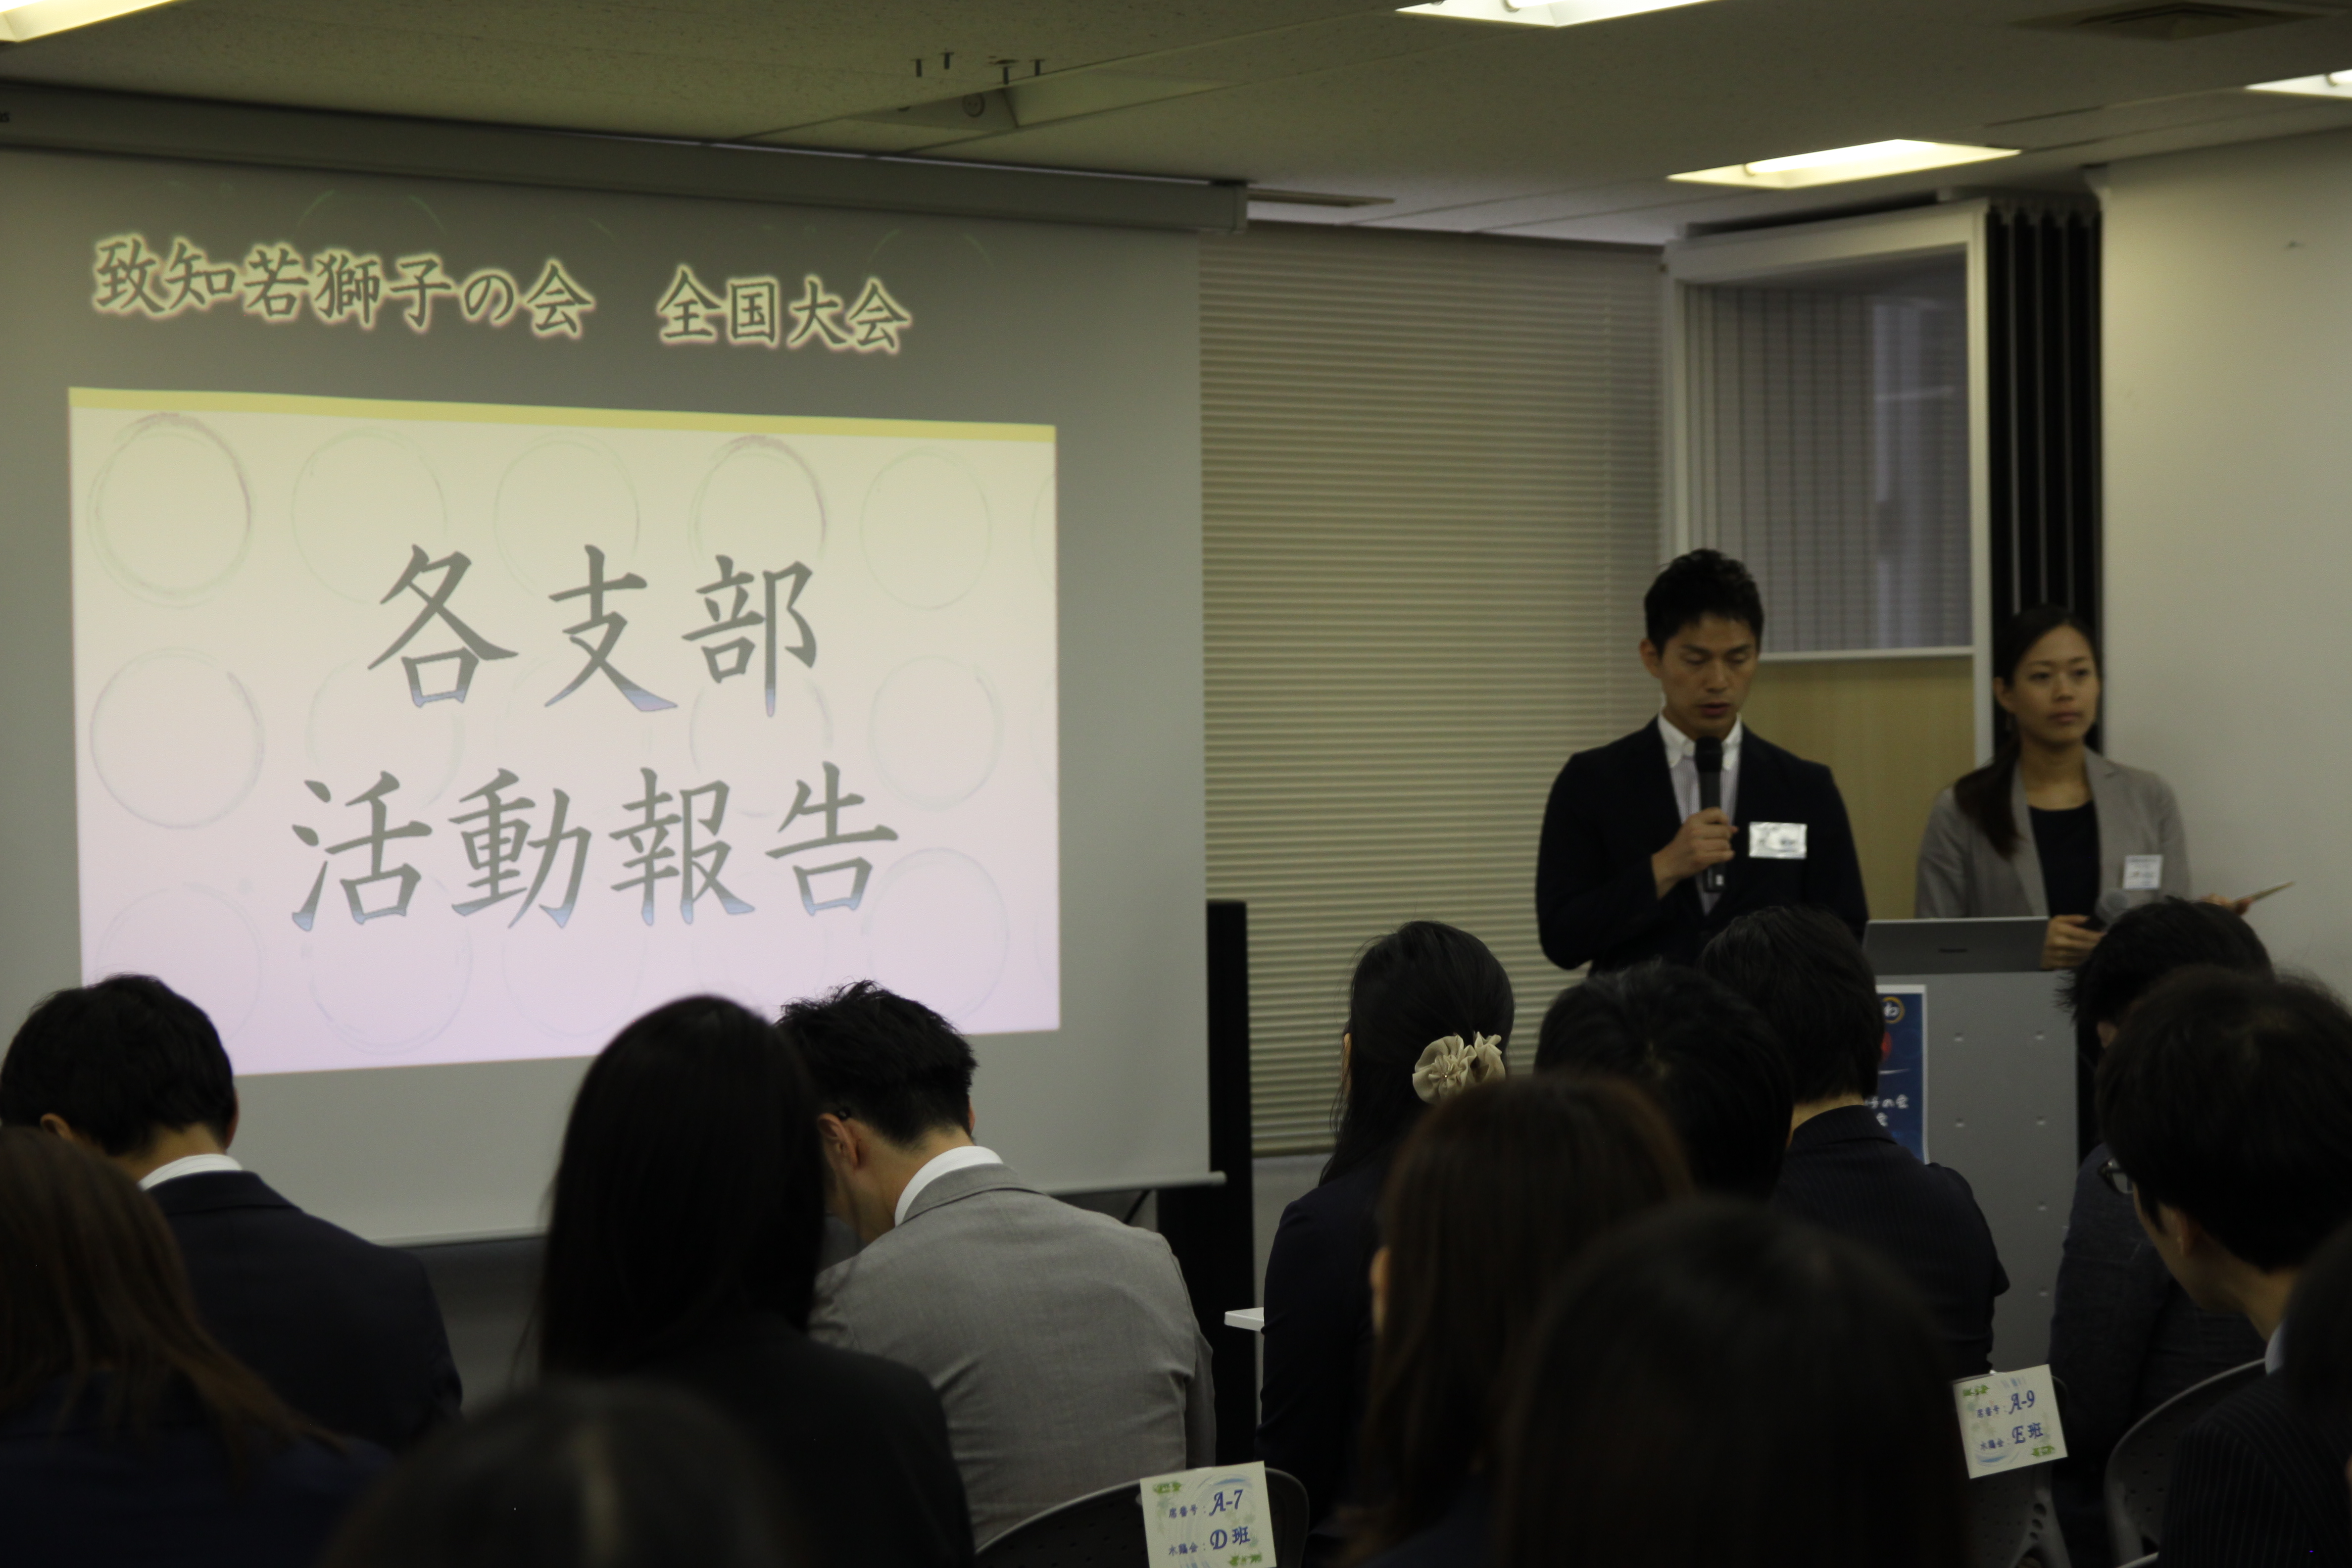 IMG 4627 - 関東若獅子の会、記念すべき第100回